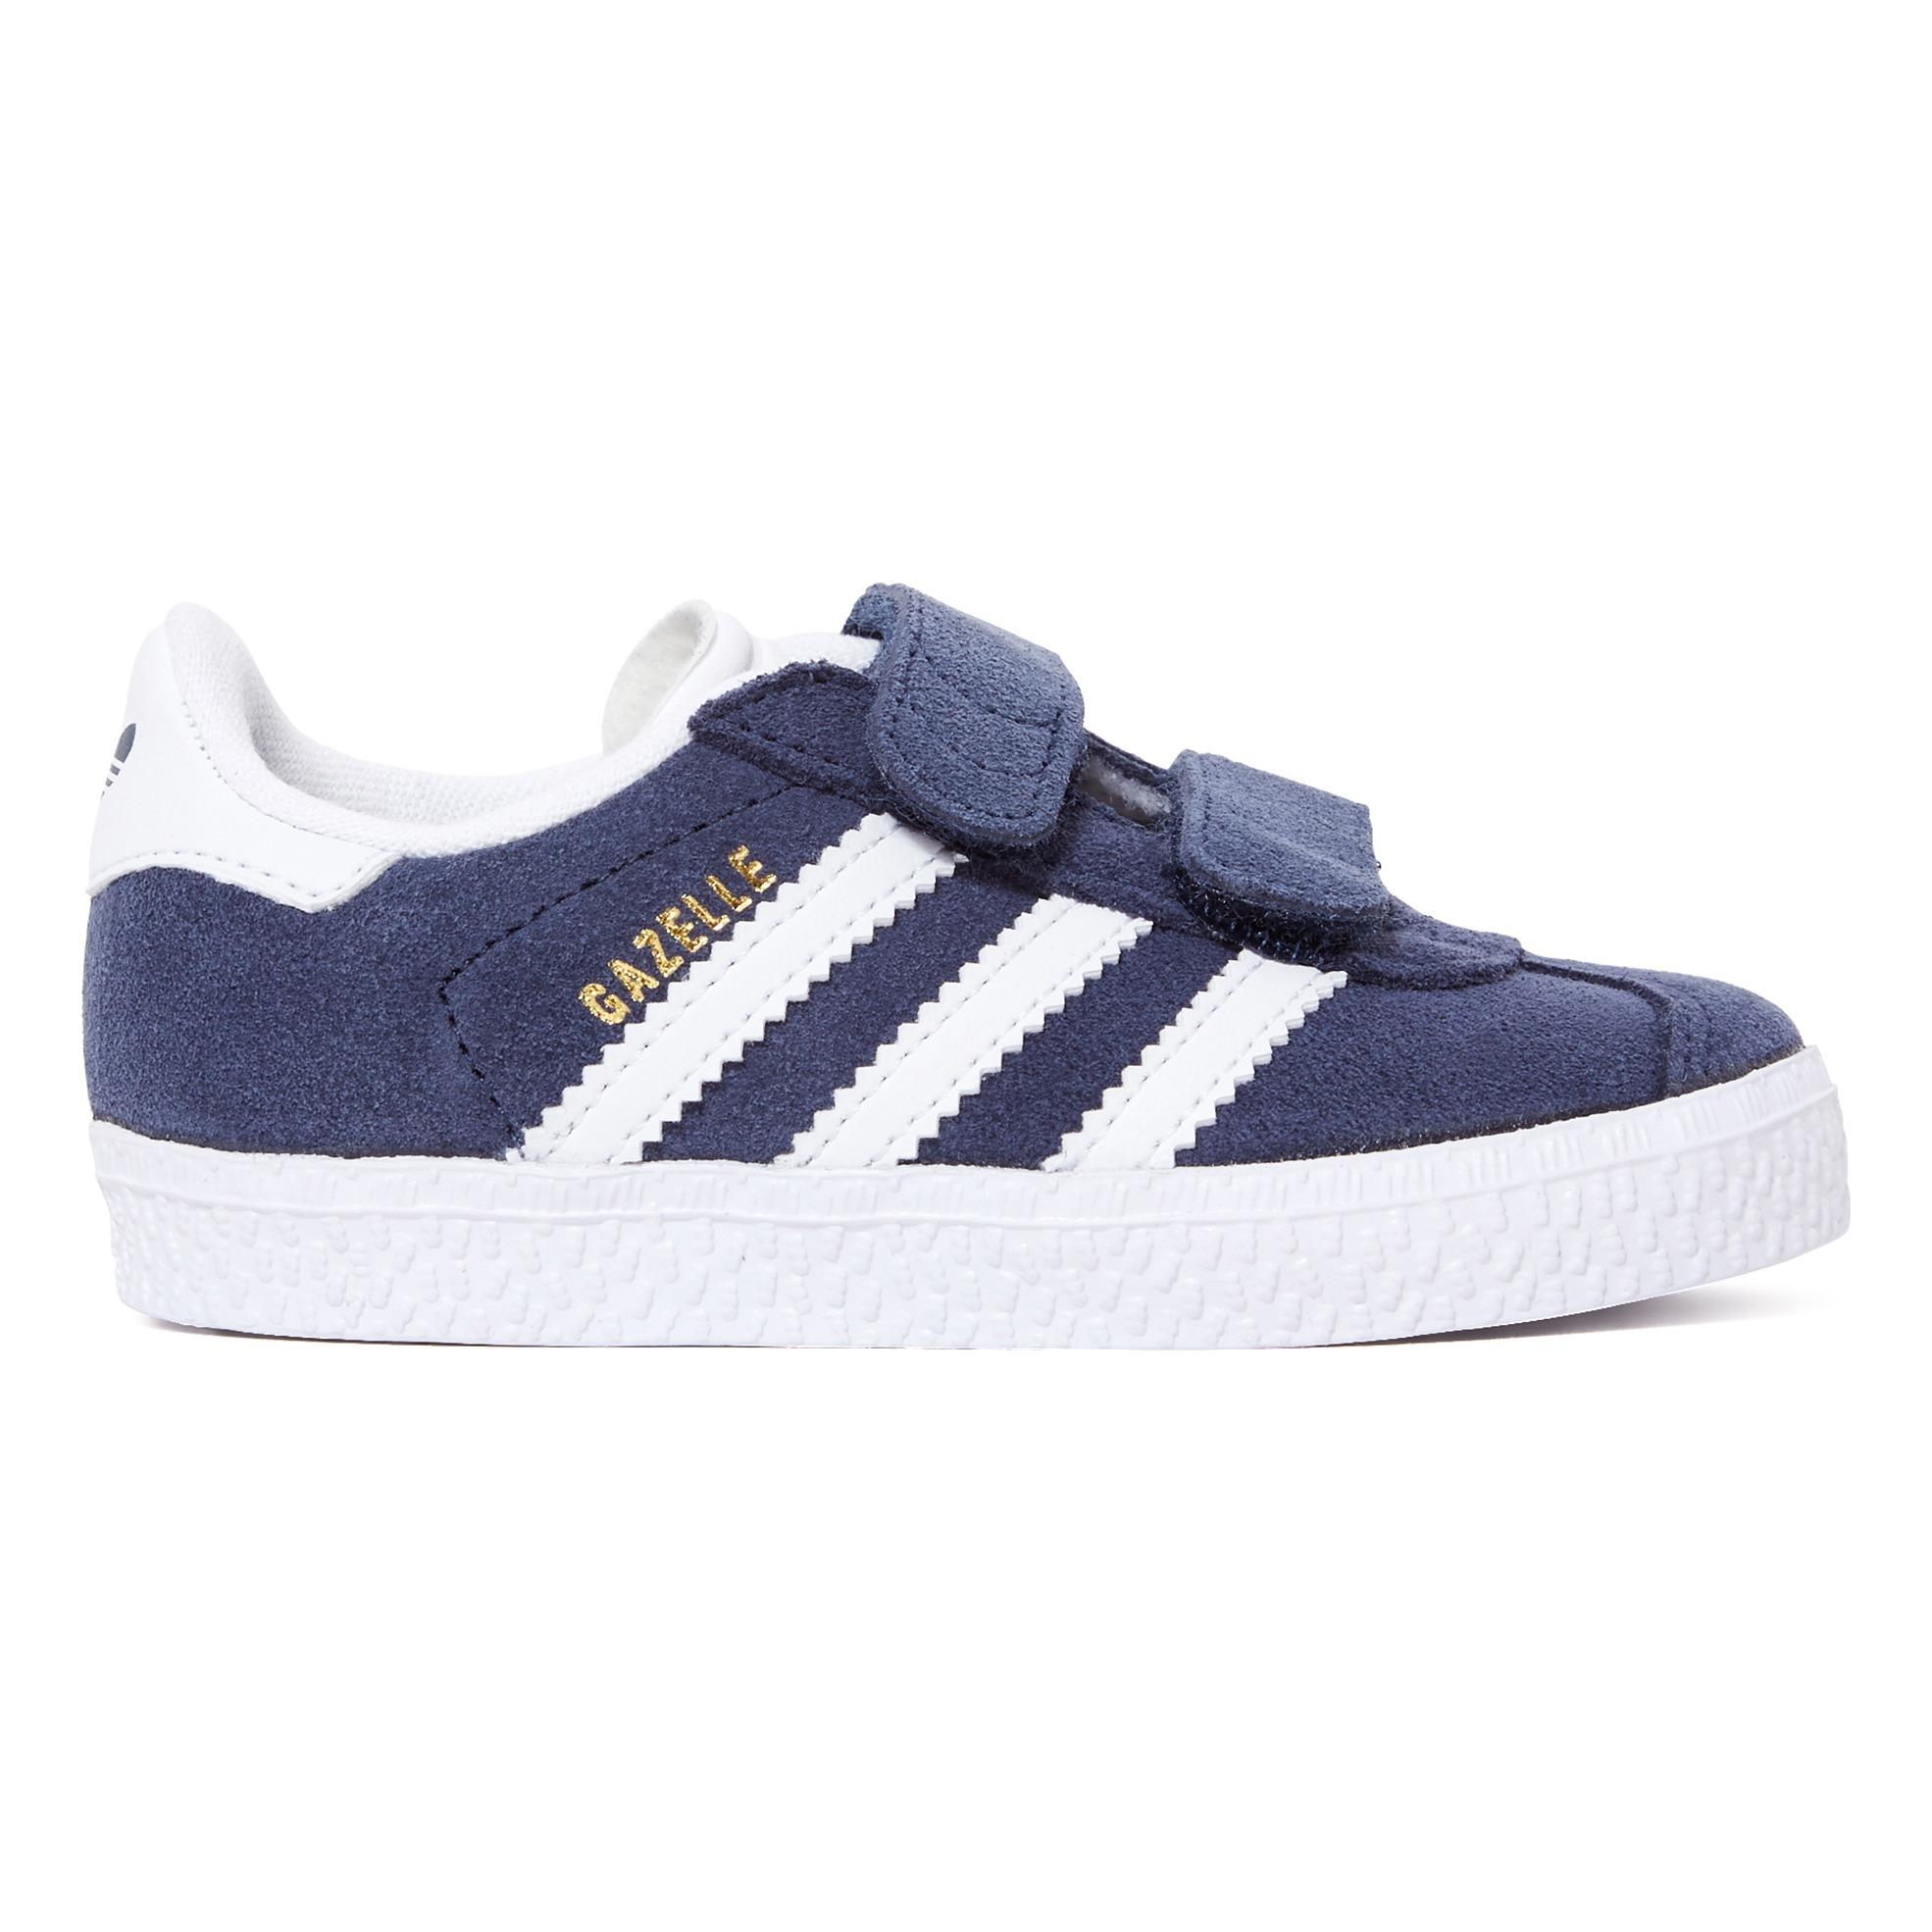 Baskets Scratchs Suède Gazelle Bleu marine Adidas Chaussure